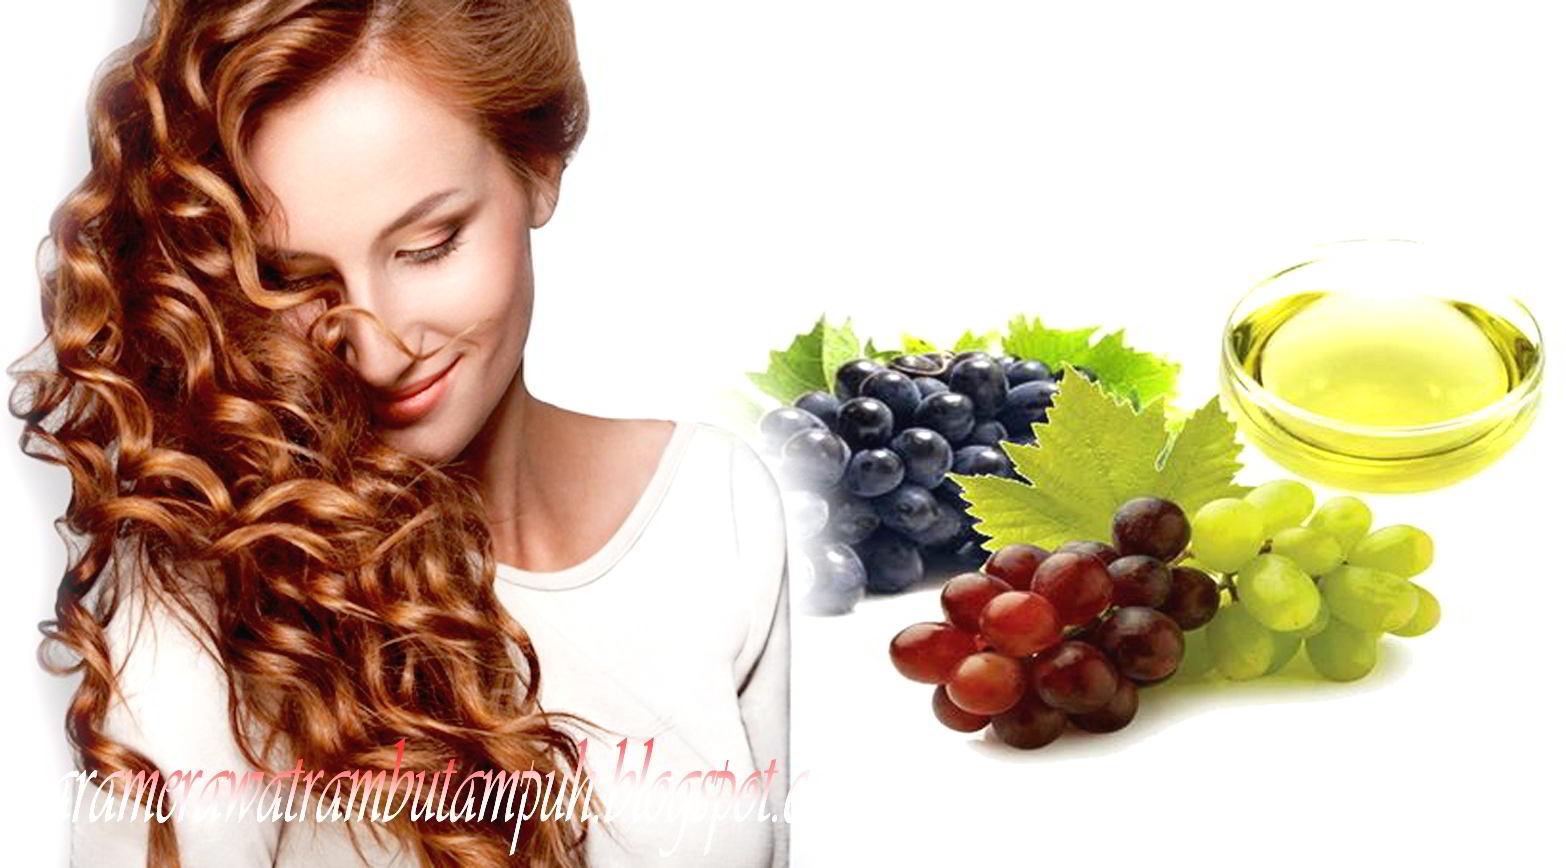 Manfaat Minyak Biji Anggur & Cara Menggunakannya Pada Rambut